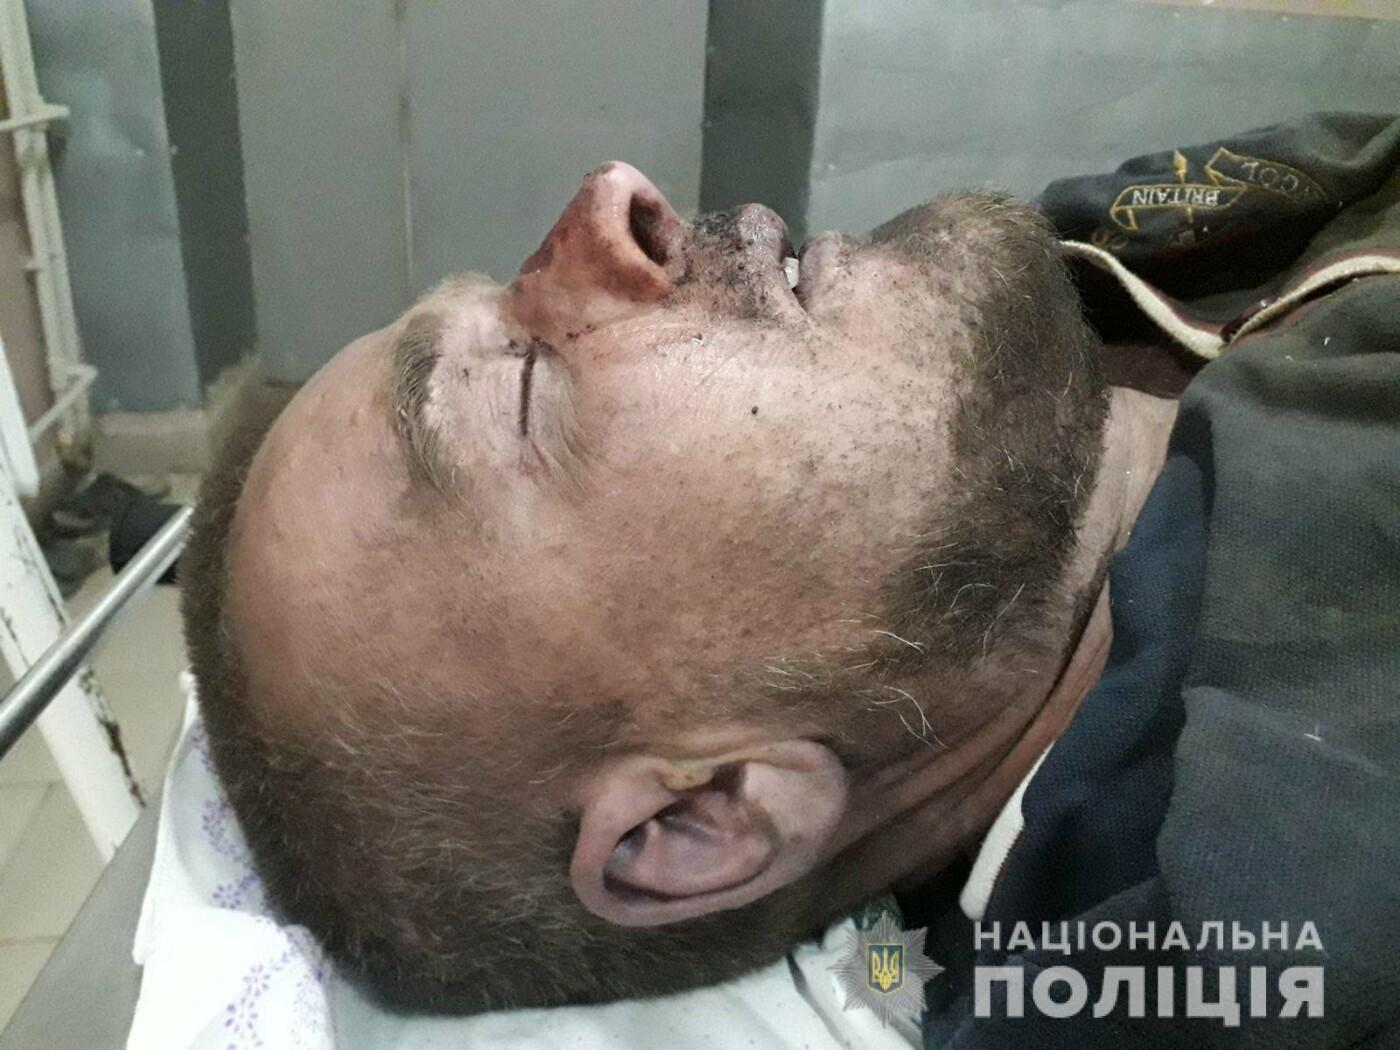 В Днепропетровской области нашли труп мужчины: нужна помощь в опознании, - ФОТО 18+, фото-1